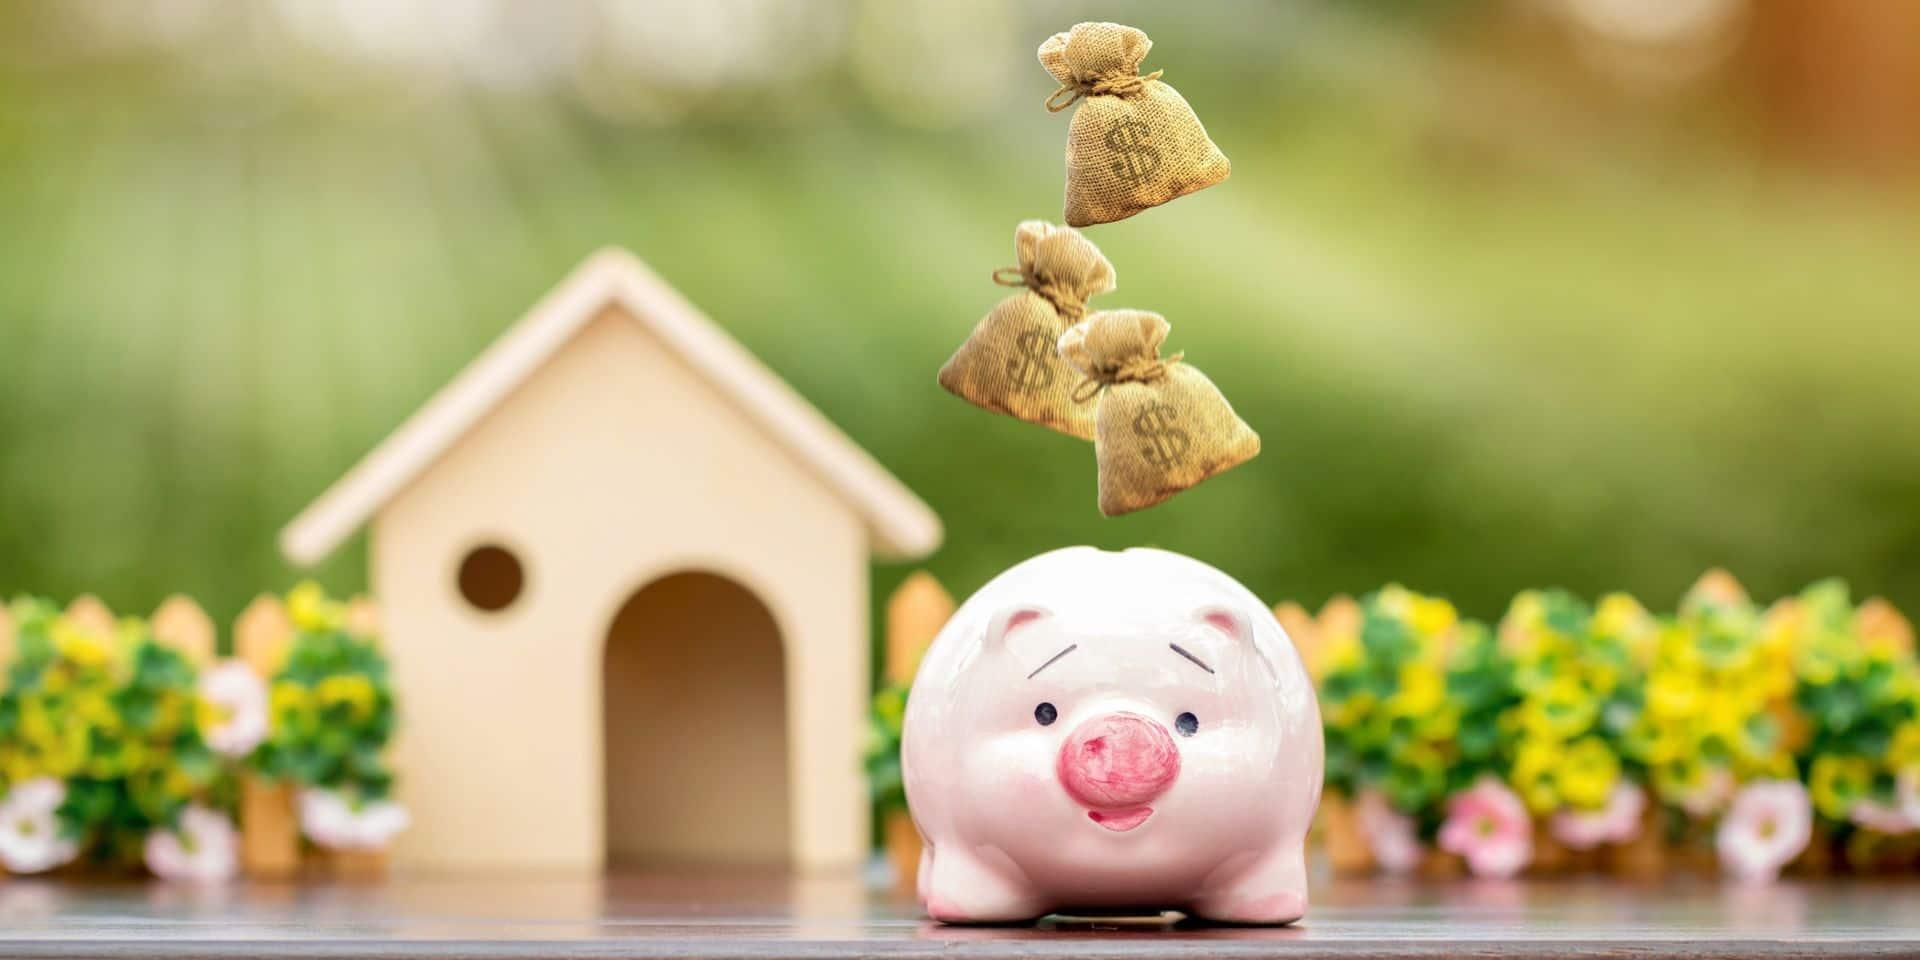 Crédit hypothécaire : Y a-t-il des offres particulières pour les jeunes ?